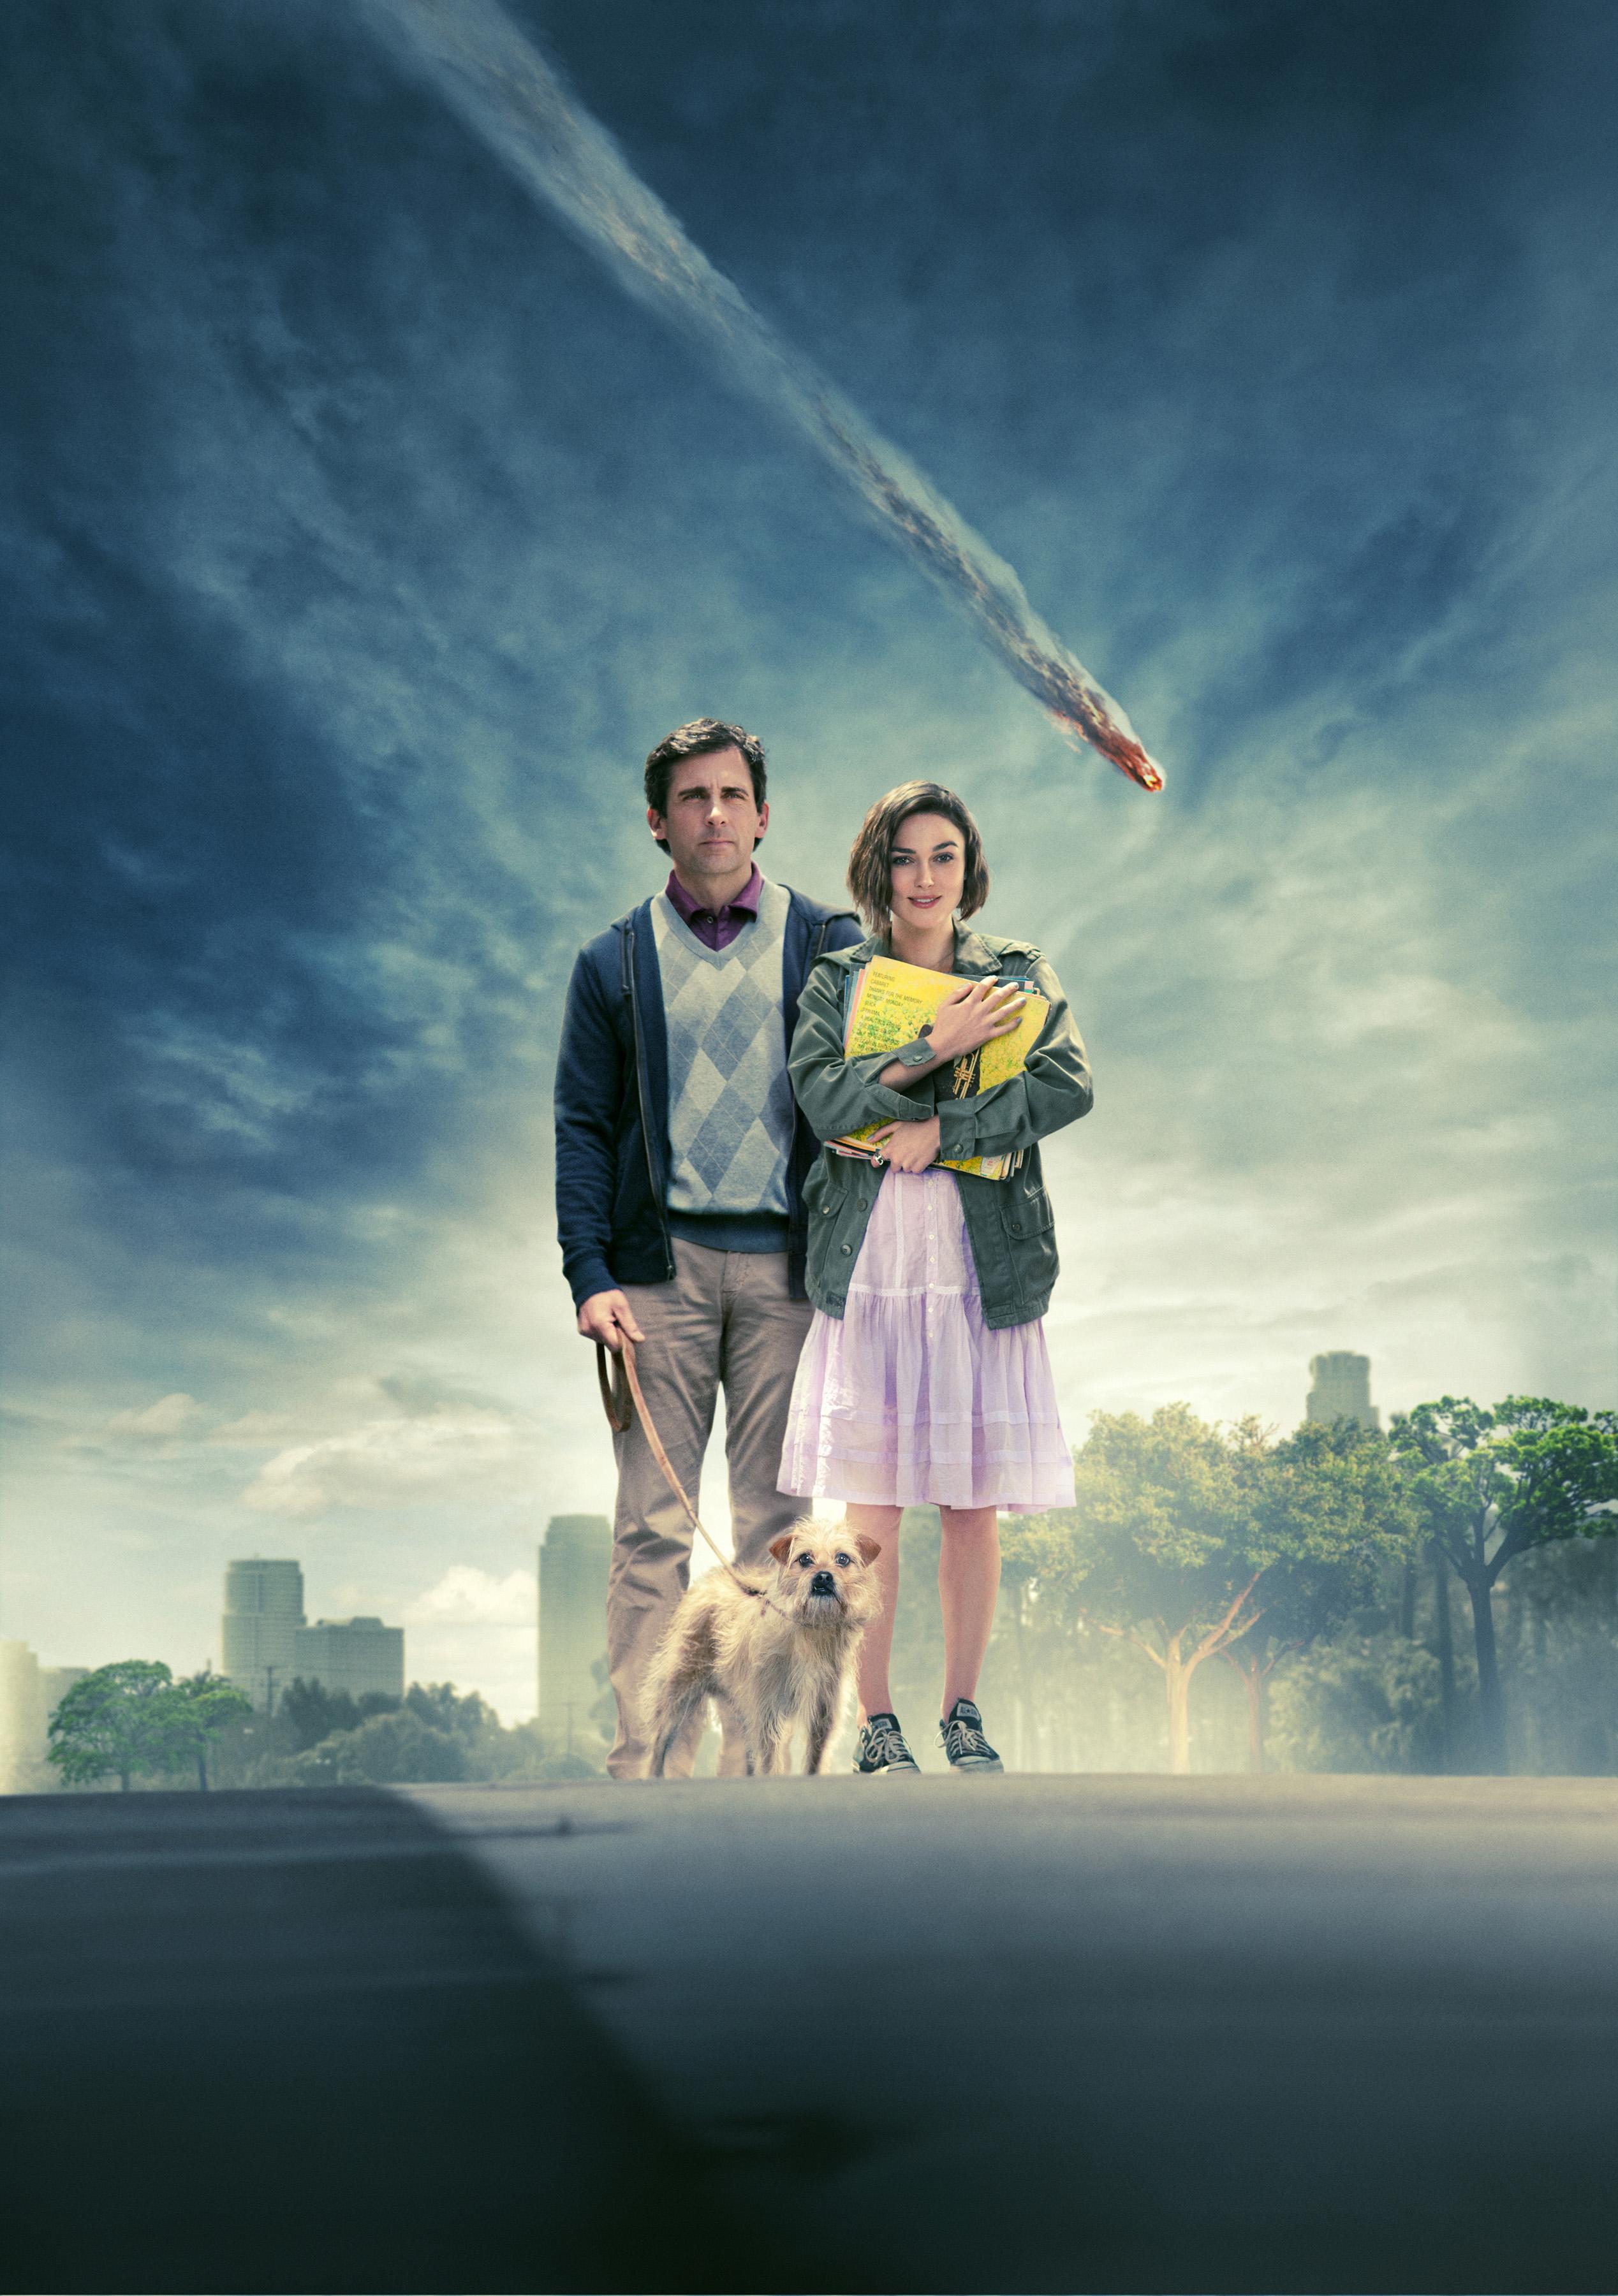 плакат фильма постер textless Ищу друга на конец света